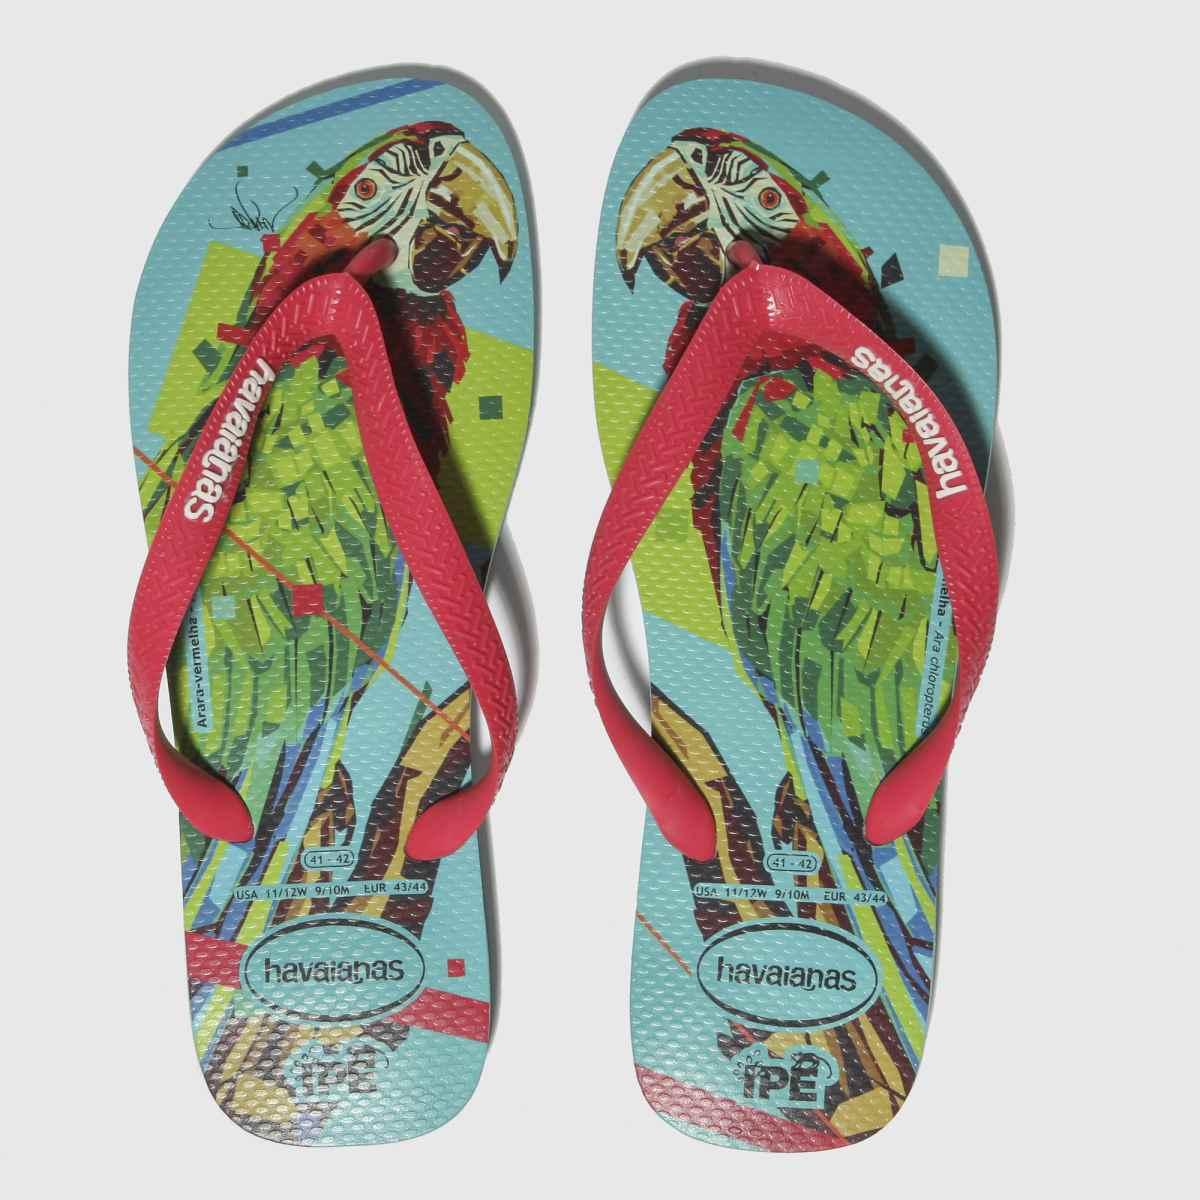 Havaianas Multi Ipe Sandals